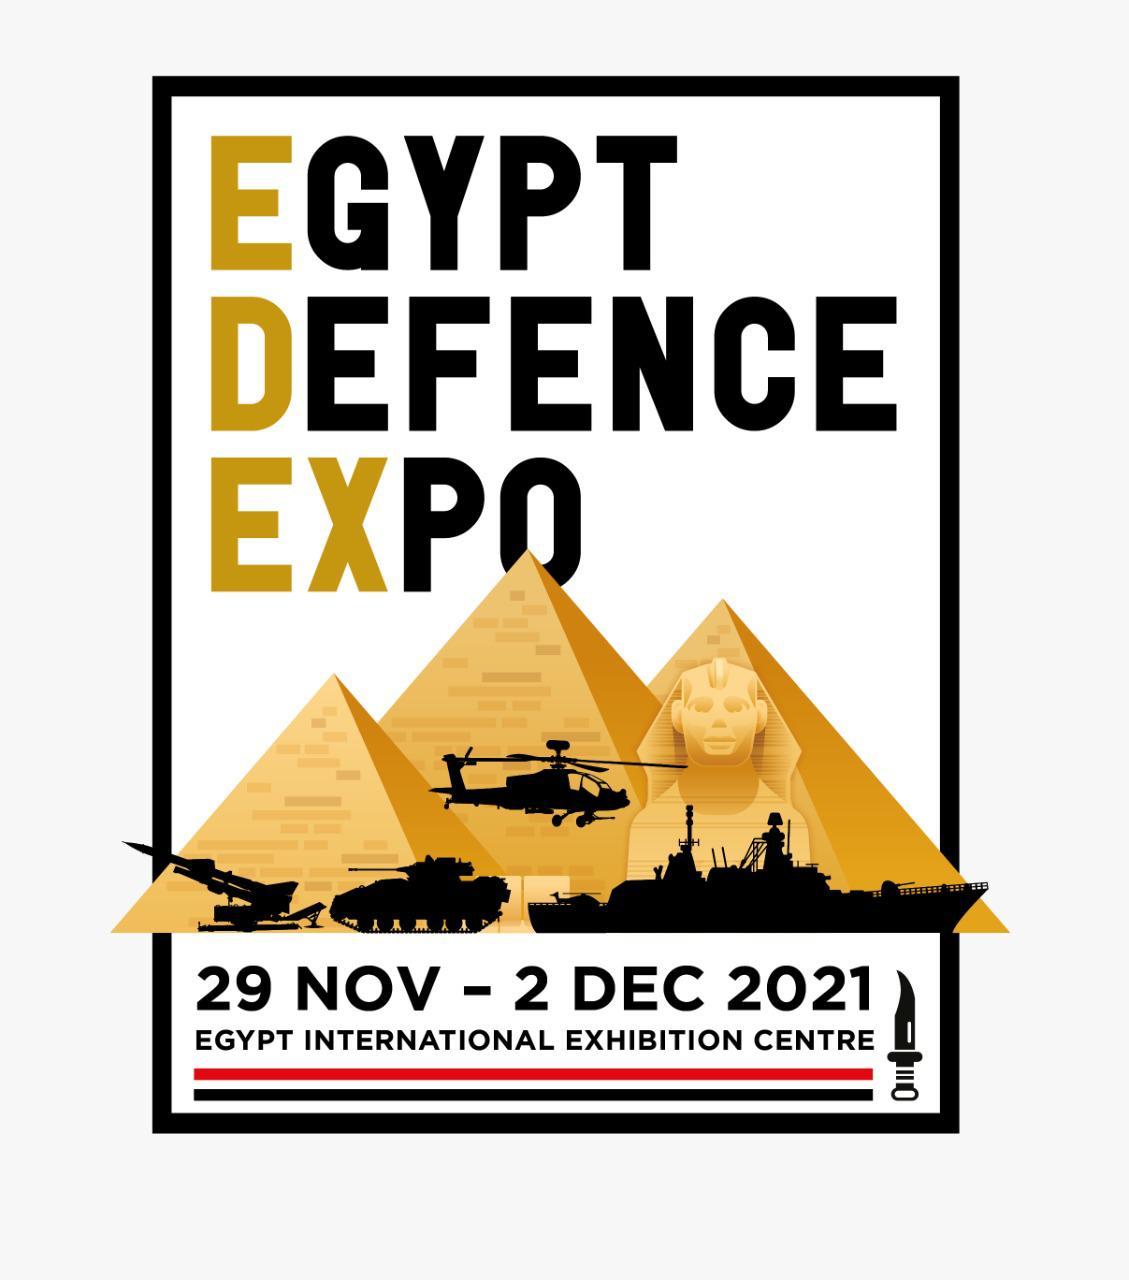 """مصر تنظم المعرض الدولى للصناعات الدفاعية والعسكرية """"إيديكس 2021"""""""